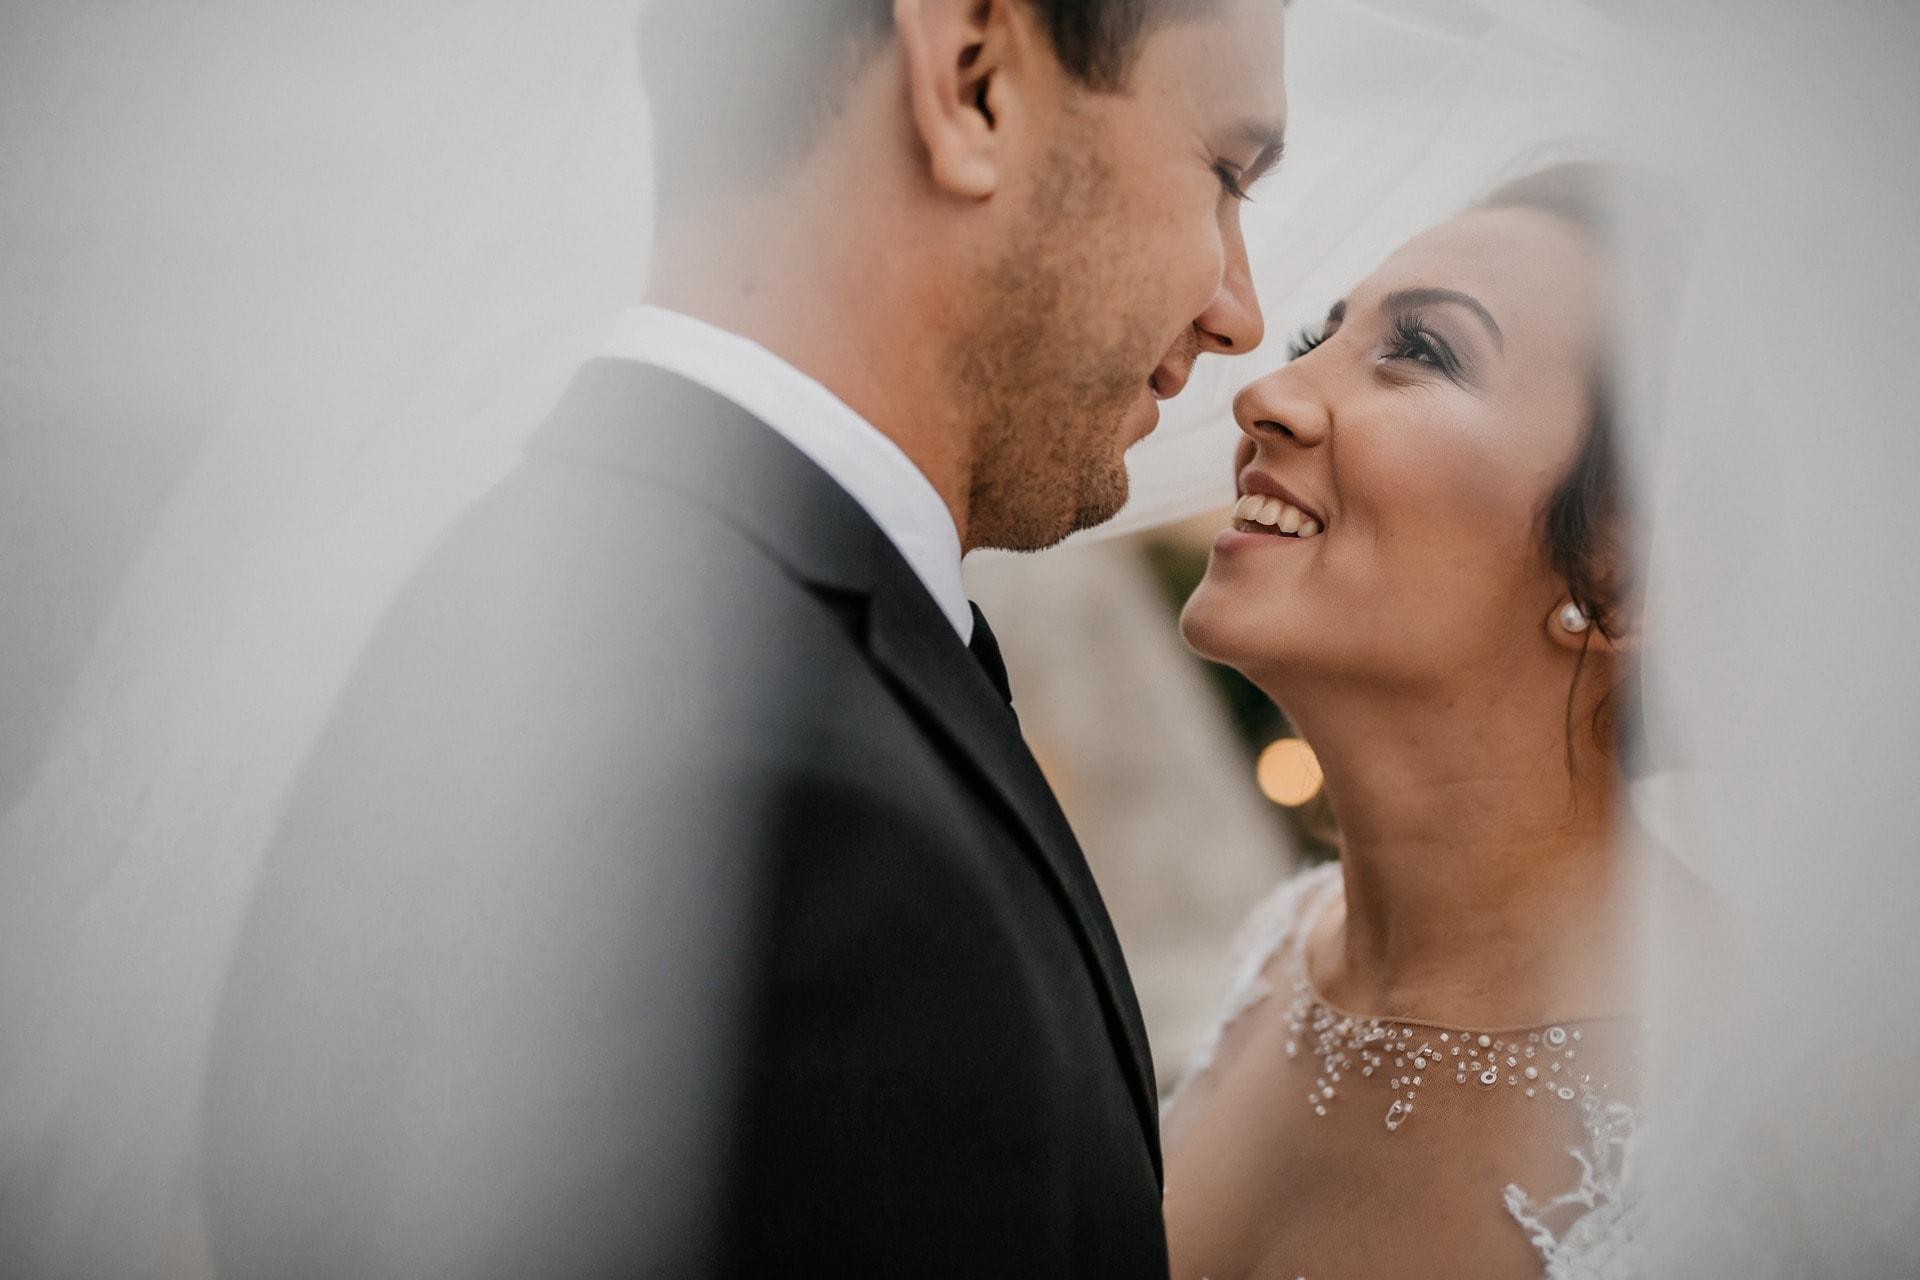 В ситуации, где мужчина - лидер, супруг чувствует себя уверенным и незаменимым, готов к новым свершениям, особенно при поддержке жены